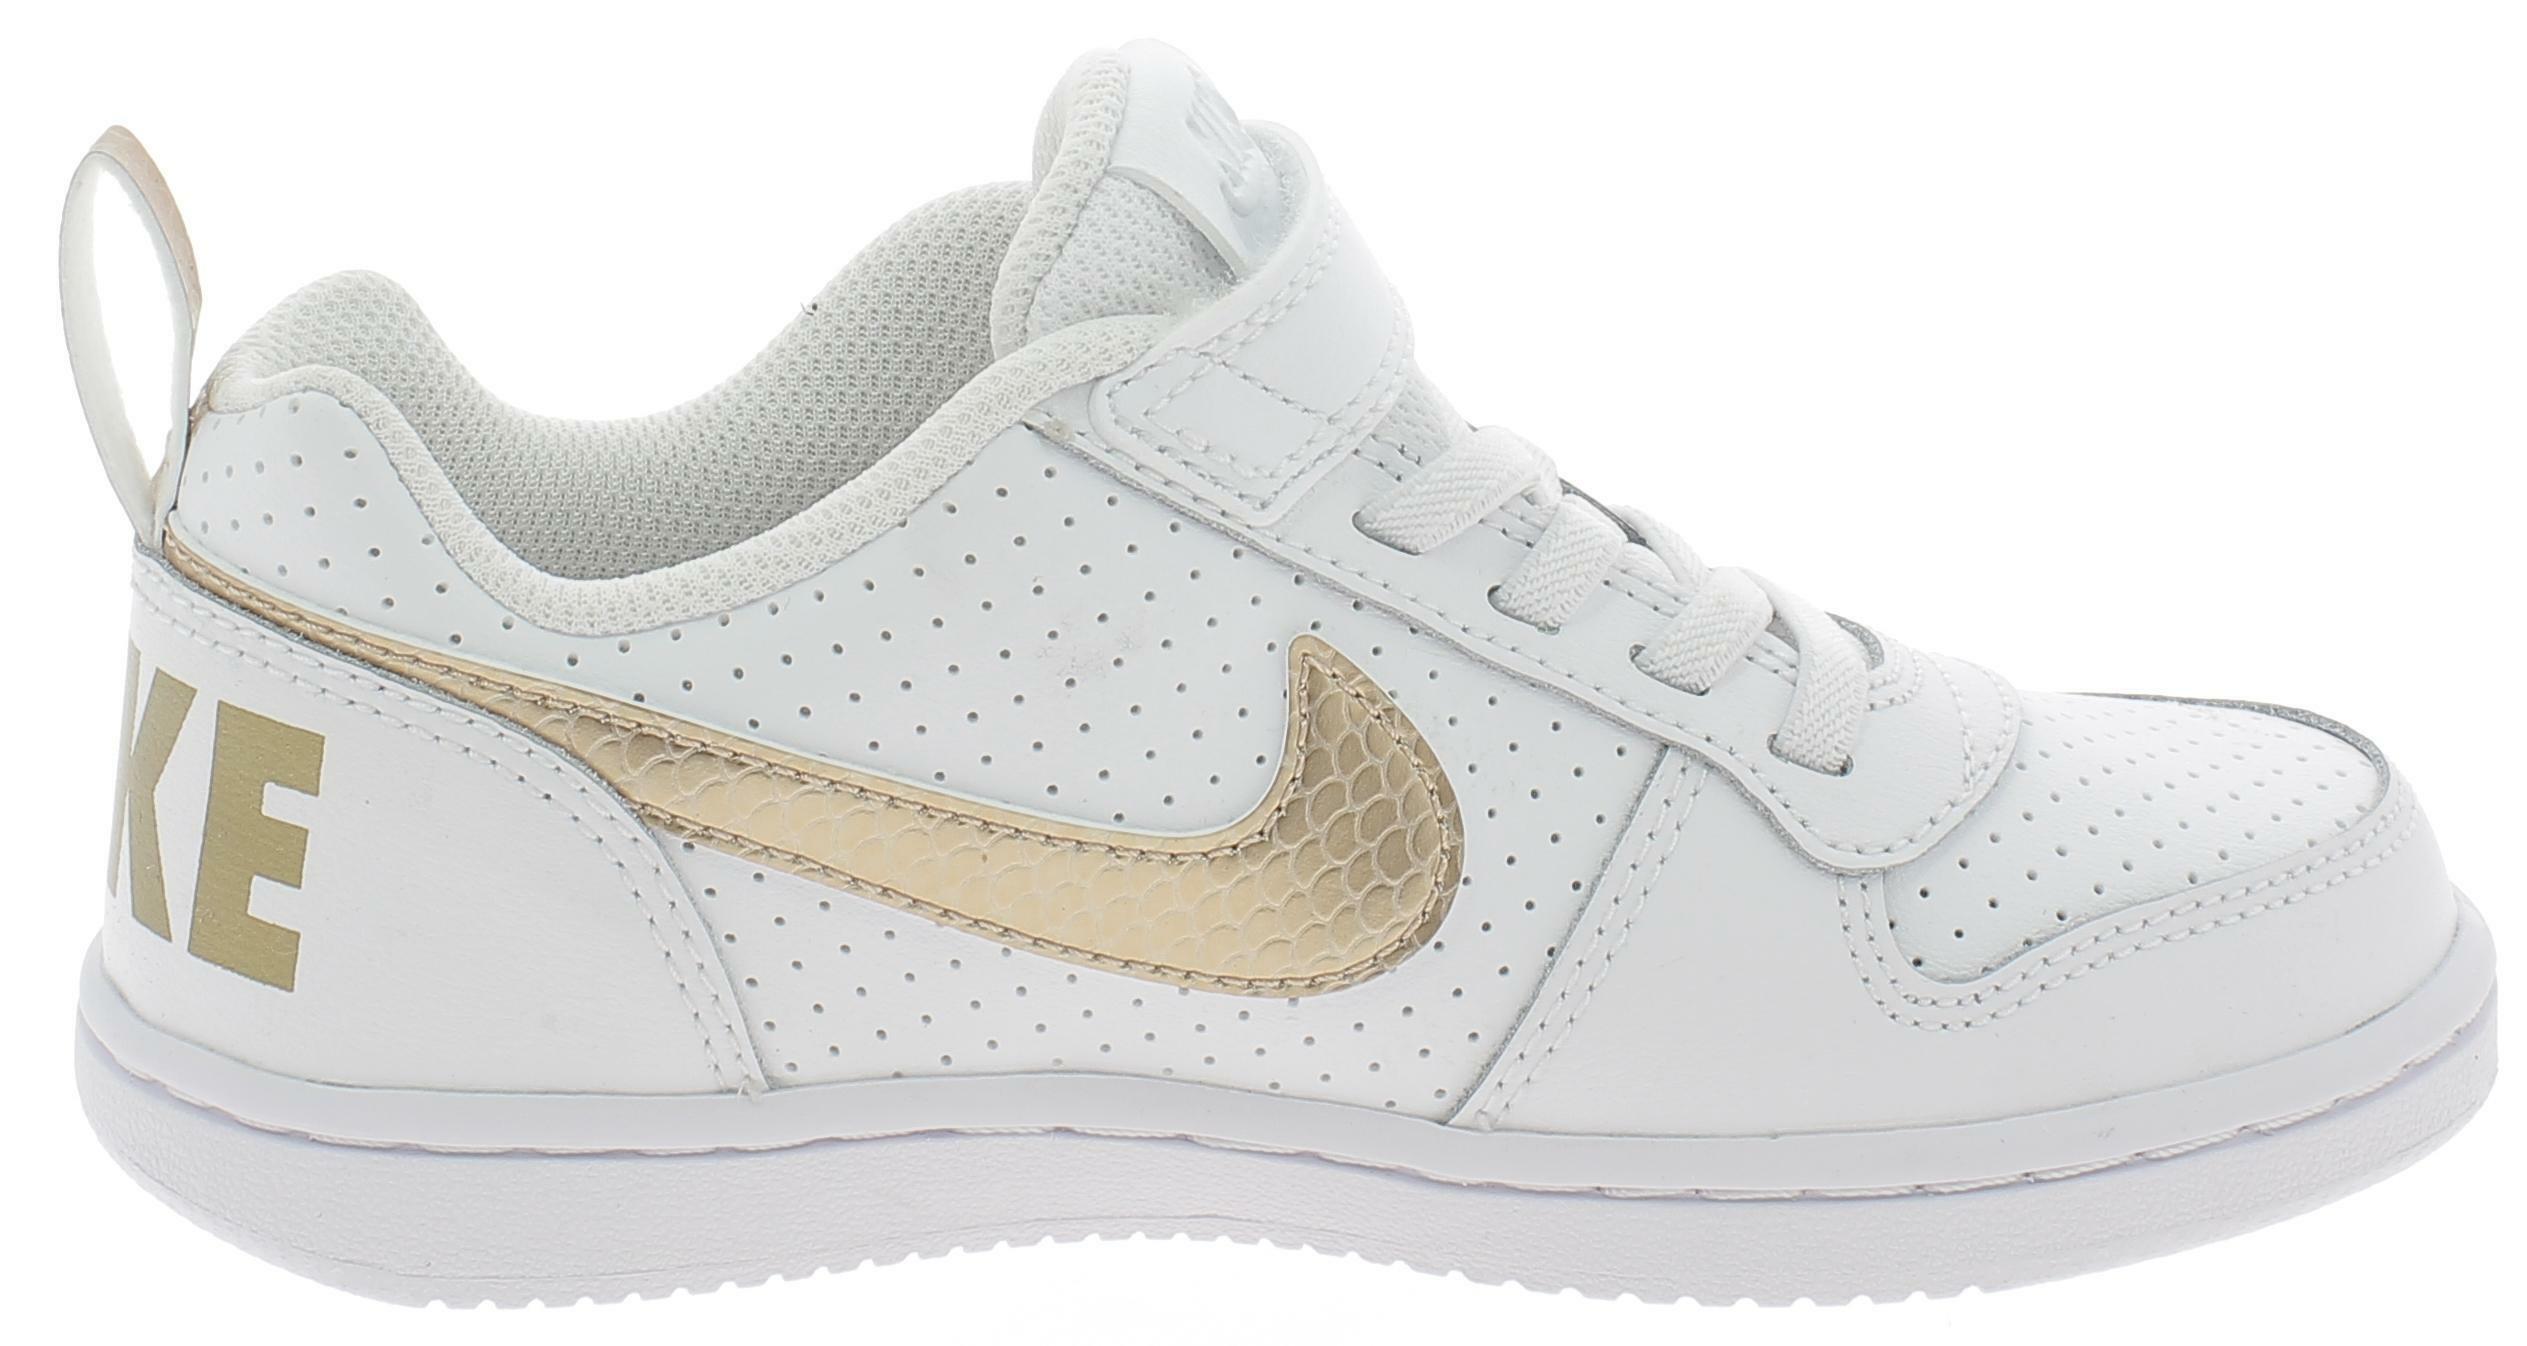 nike court borough low ep psv scarpe sportive bambina bianche bv0748100